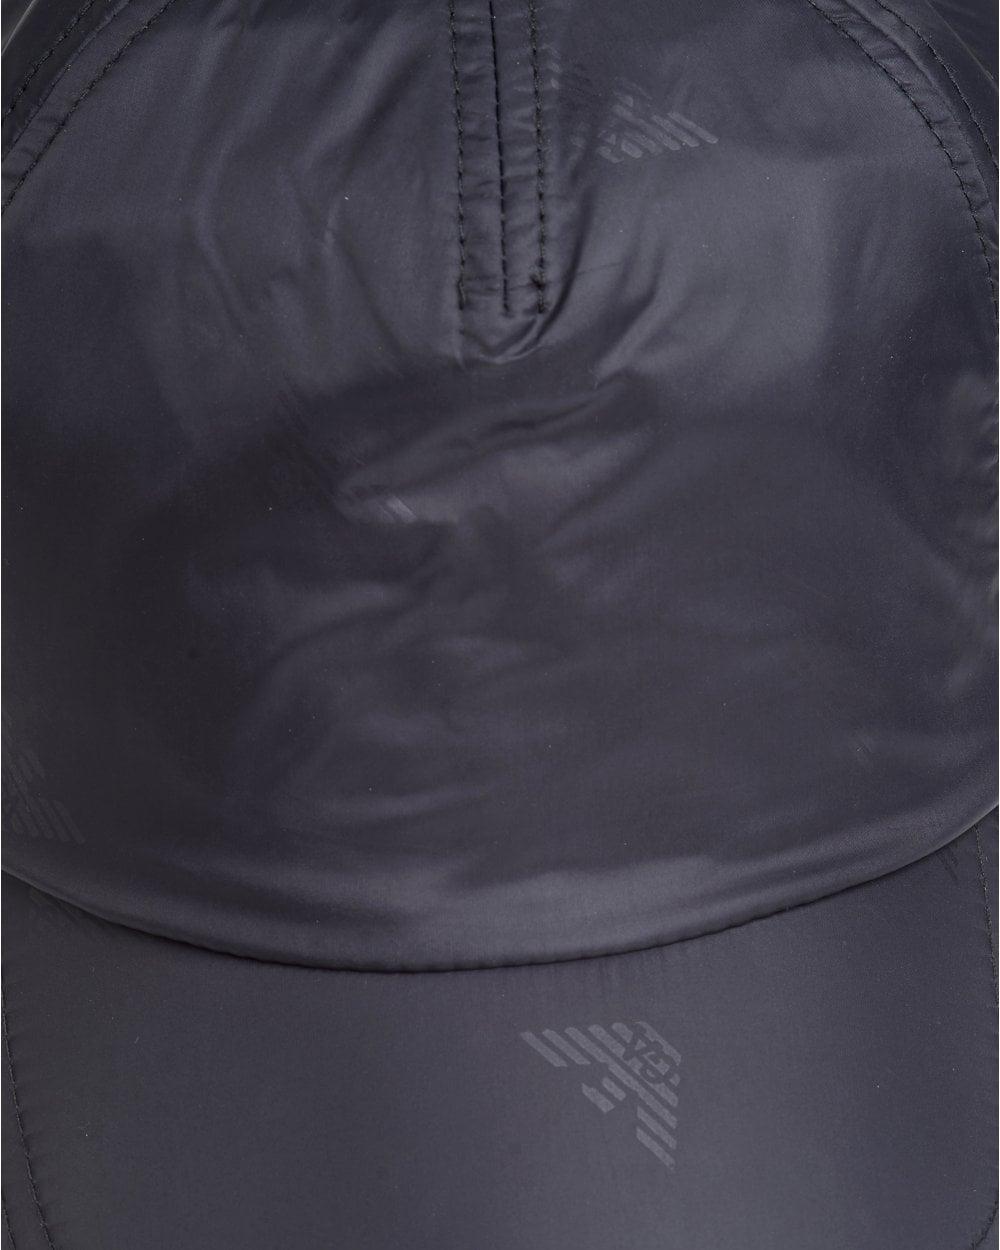 c11cfb89c16 Emporio Armani Mens All Over Logo Baseball Cap